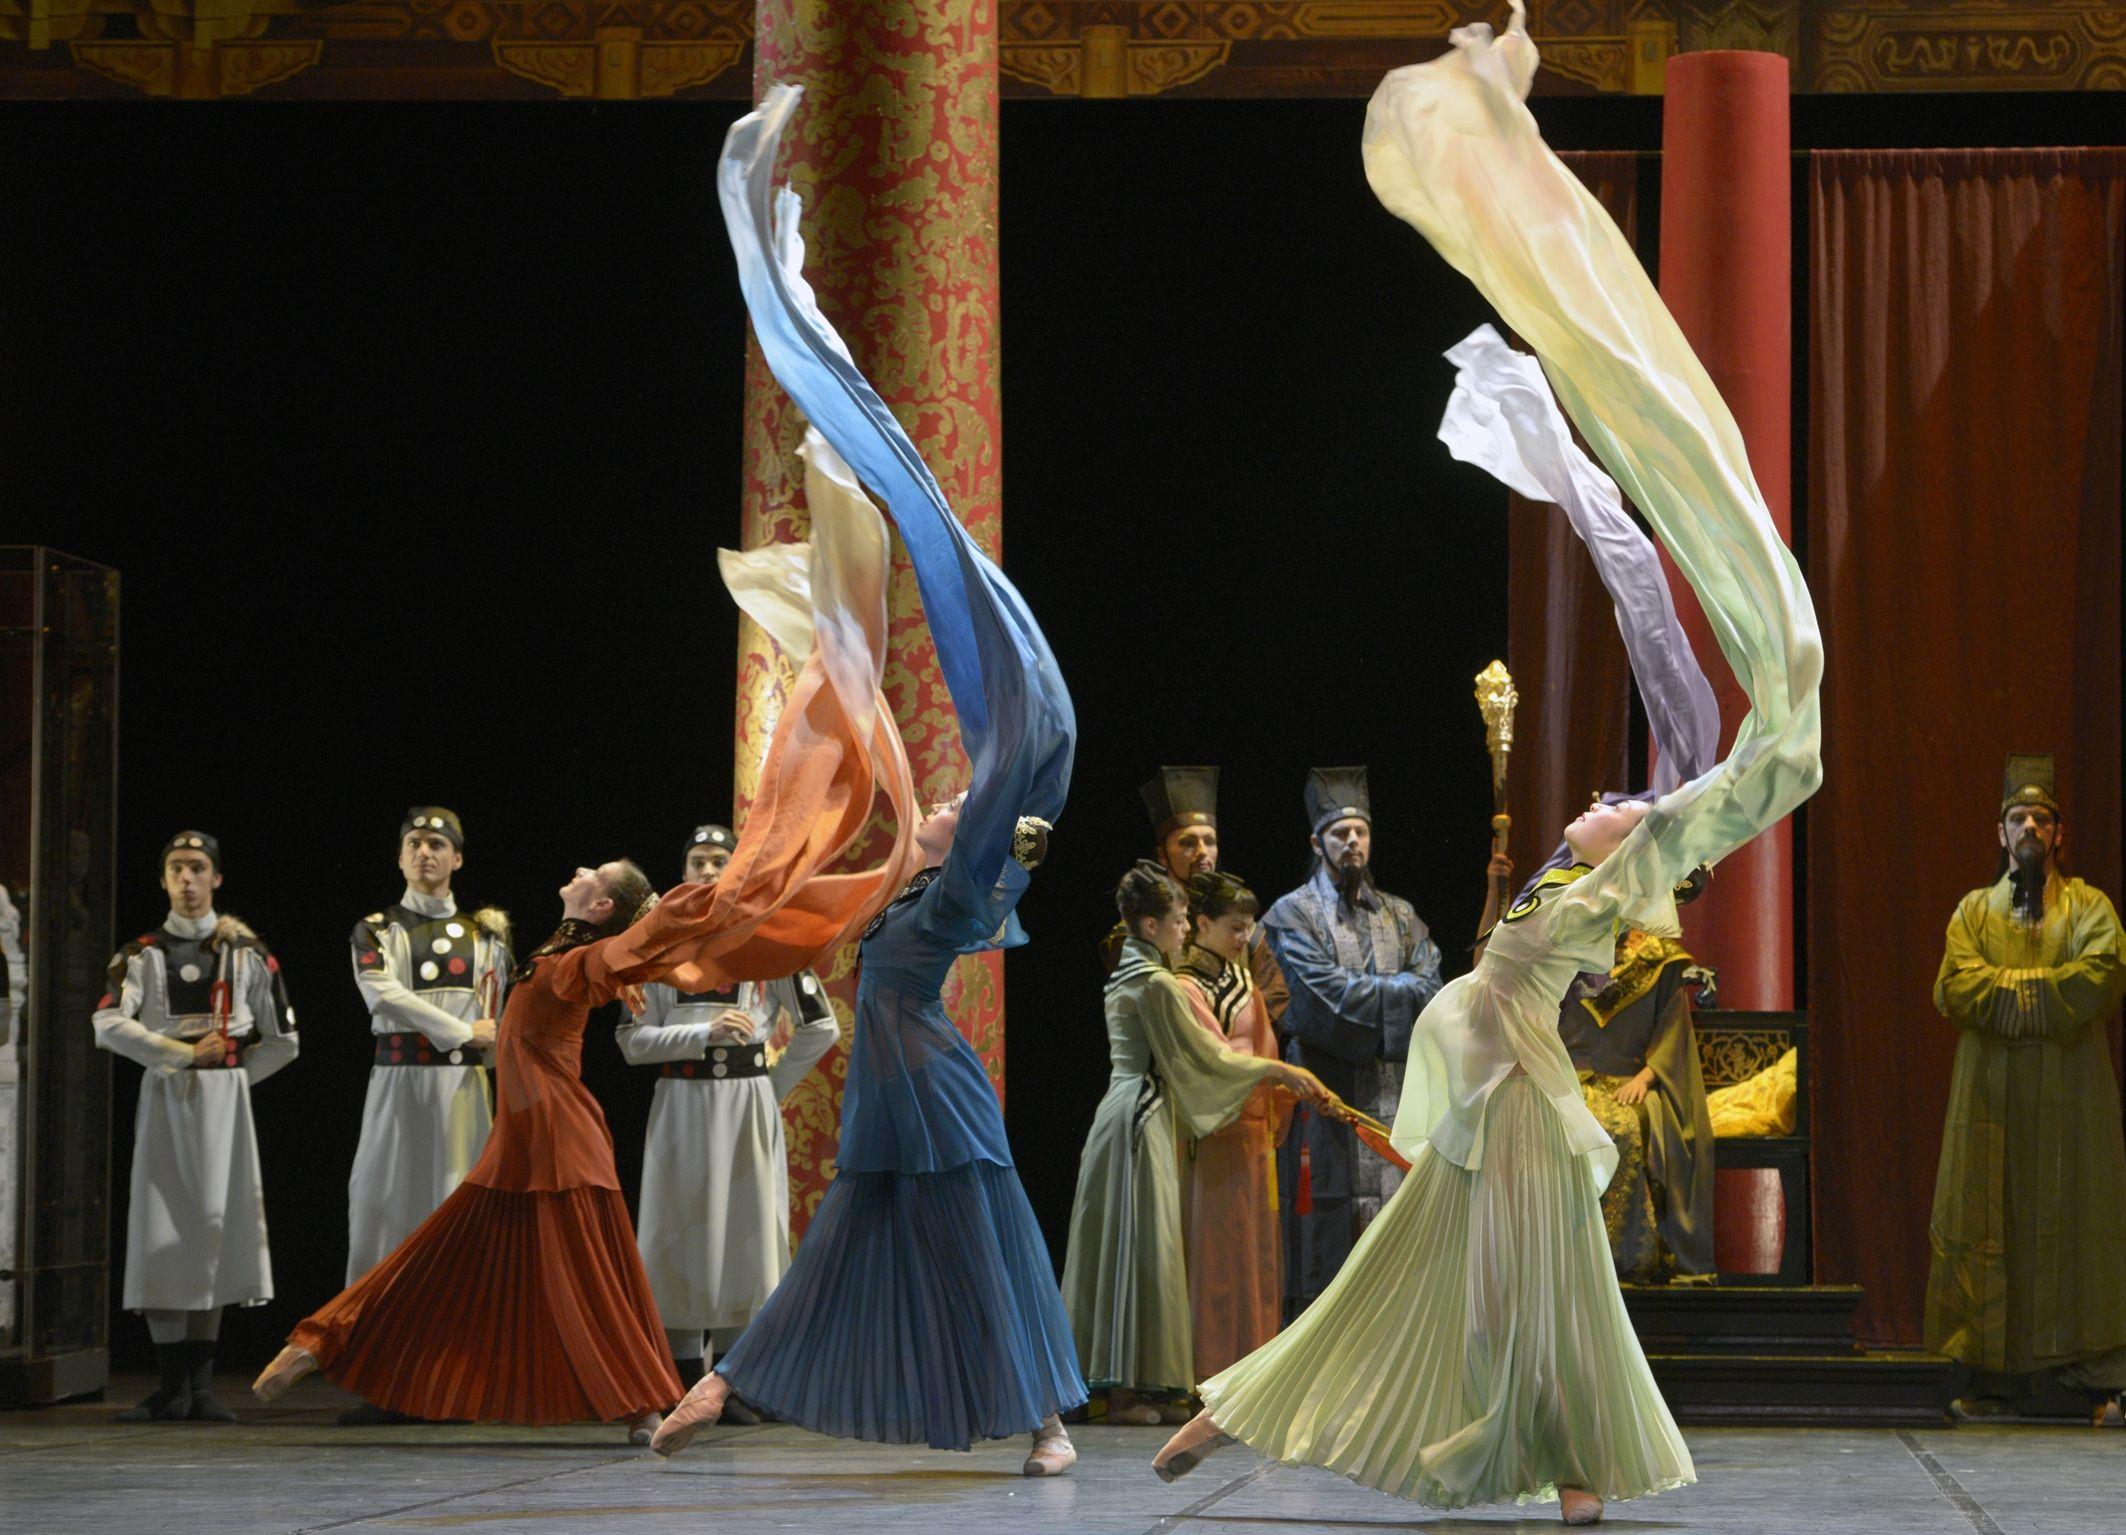 2019的the Dream Of The Red Chamber Hong Kong Ballet 紅樓夢